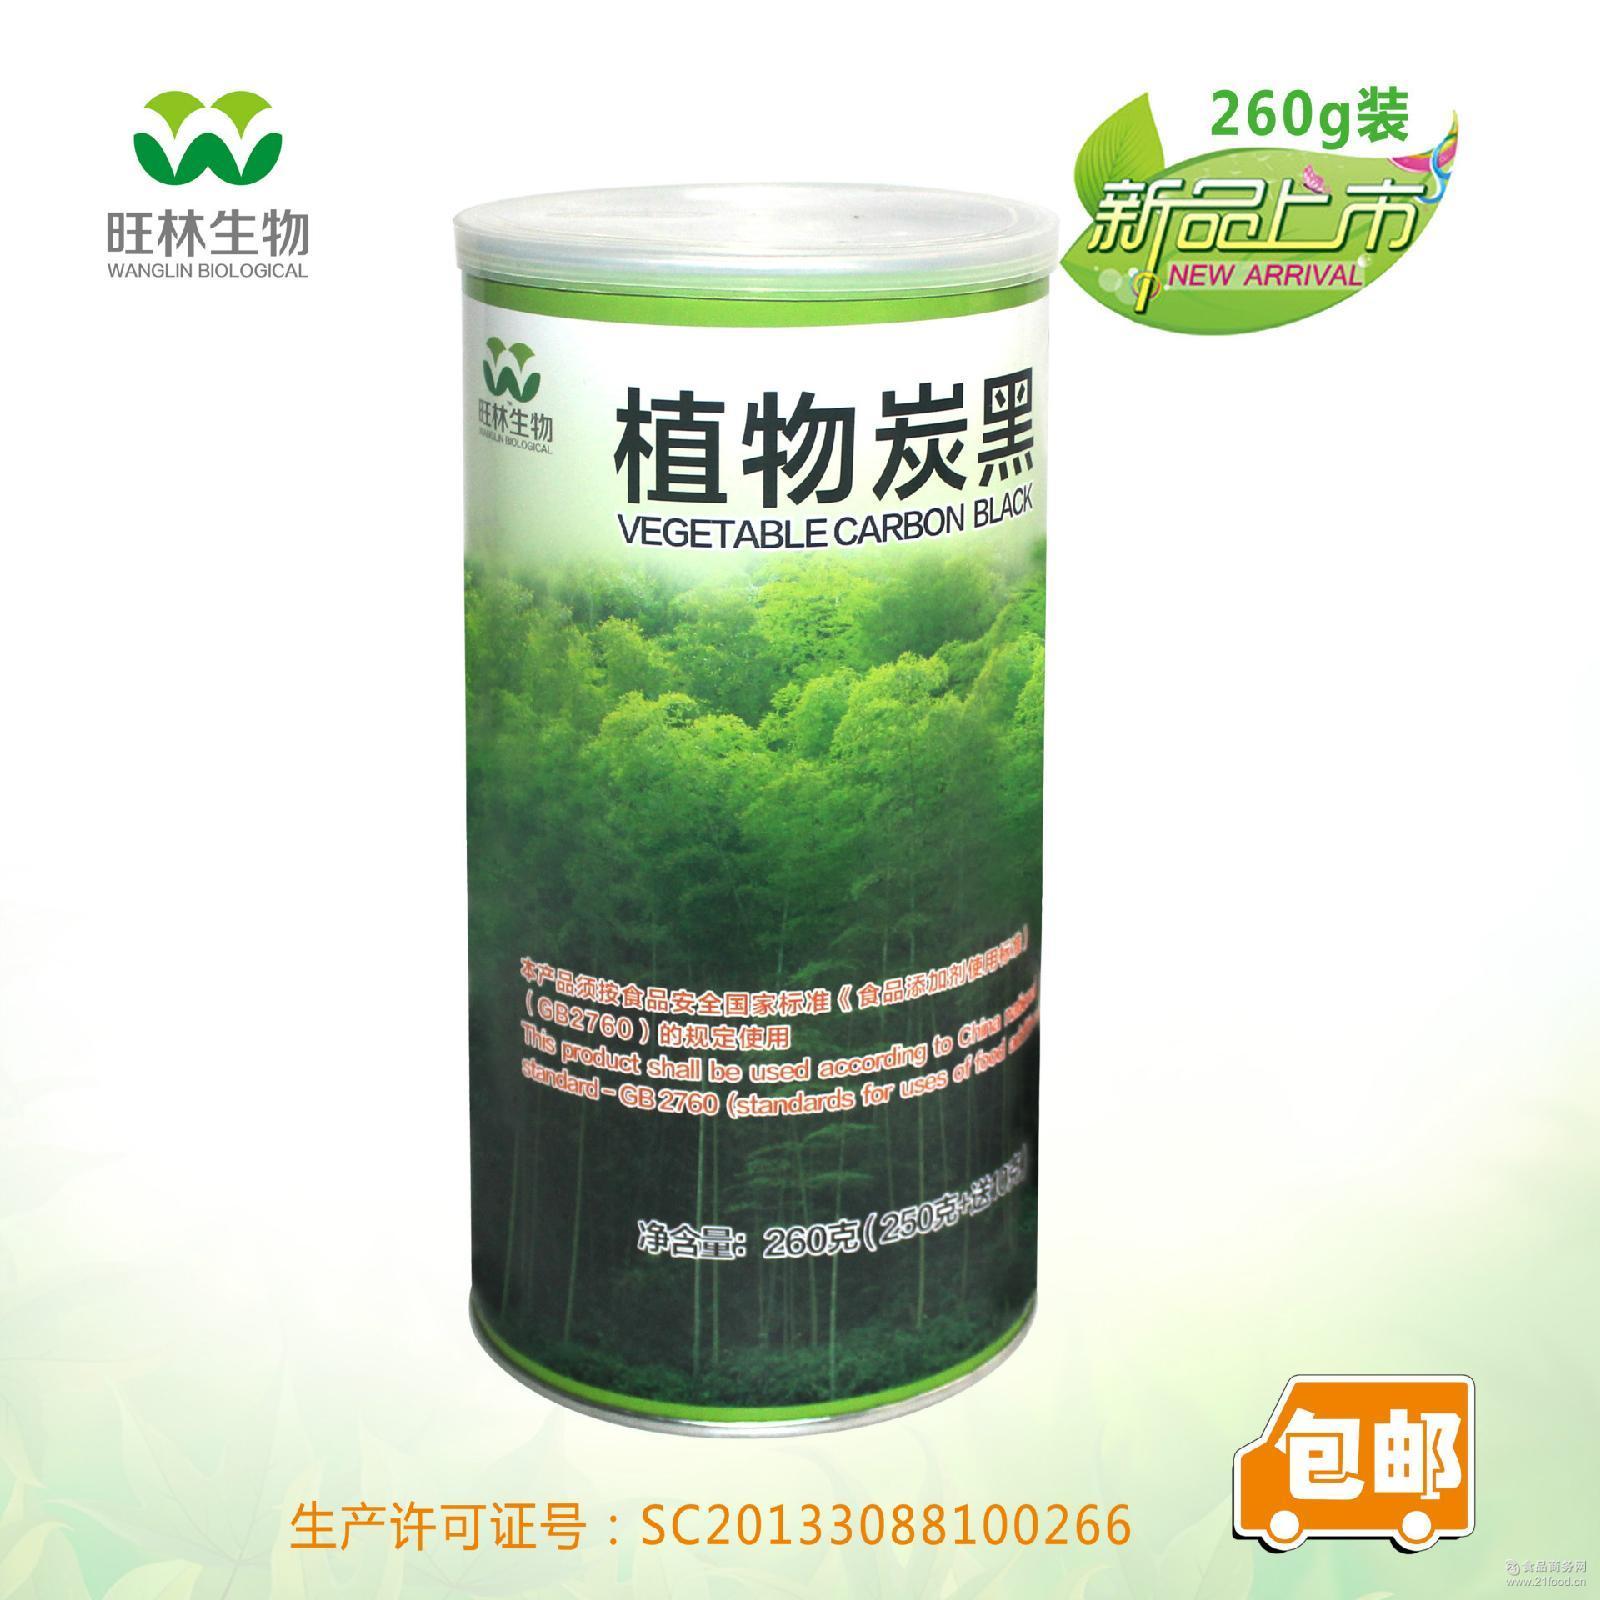 【厂家直销】旺林植物炭黑类同朱师傅植物炭黑加量不加价260克